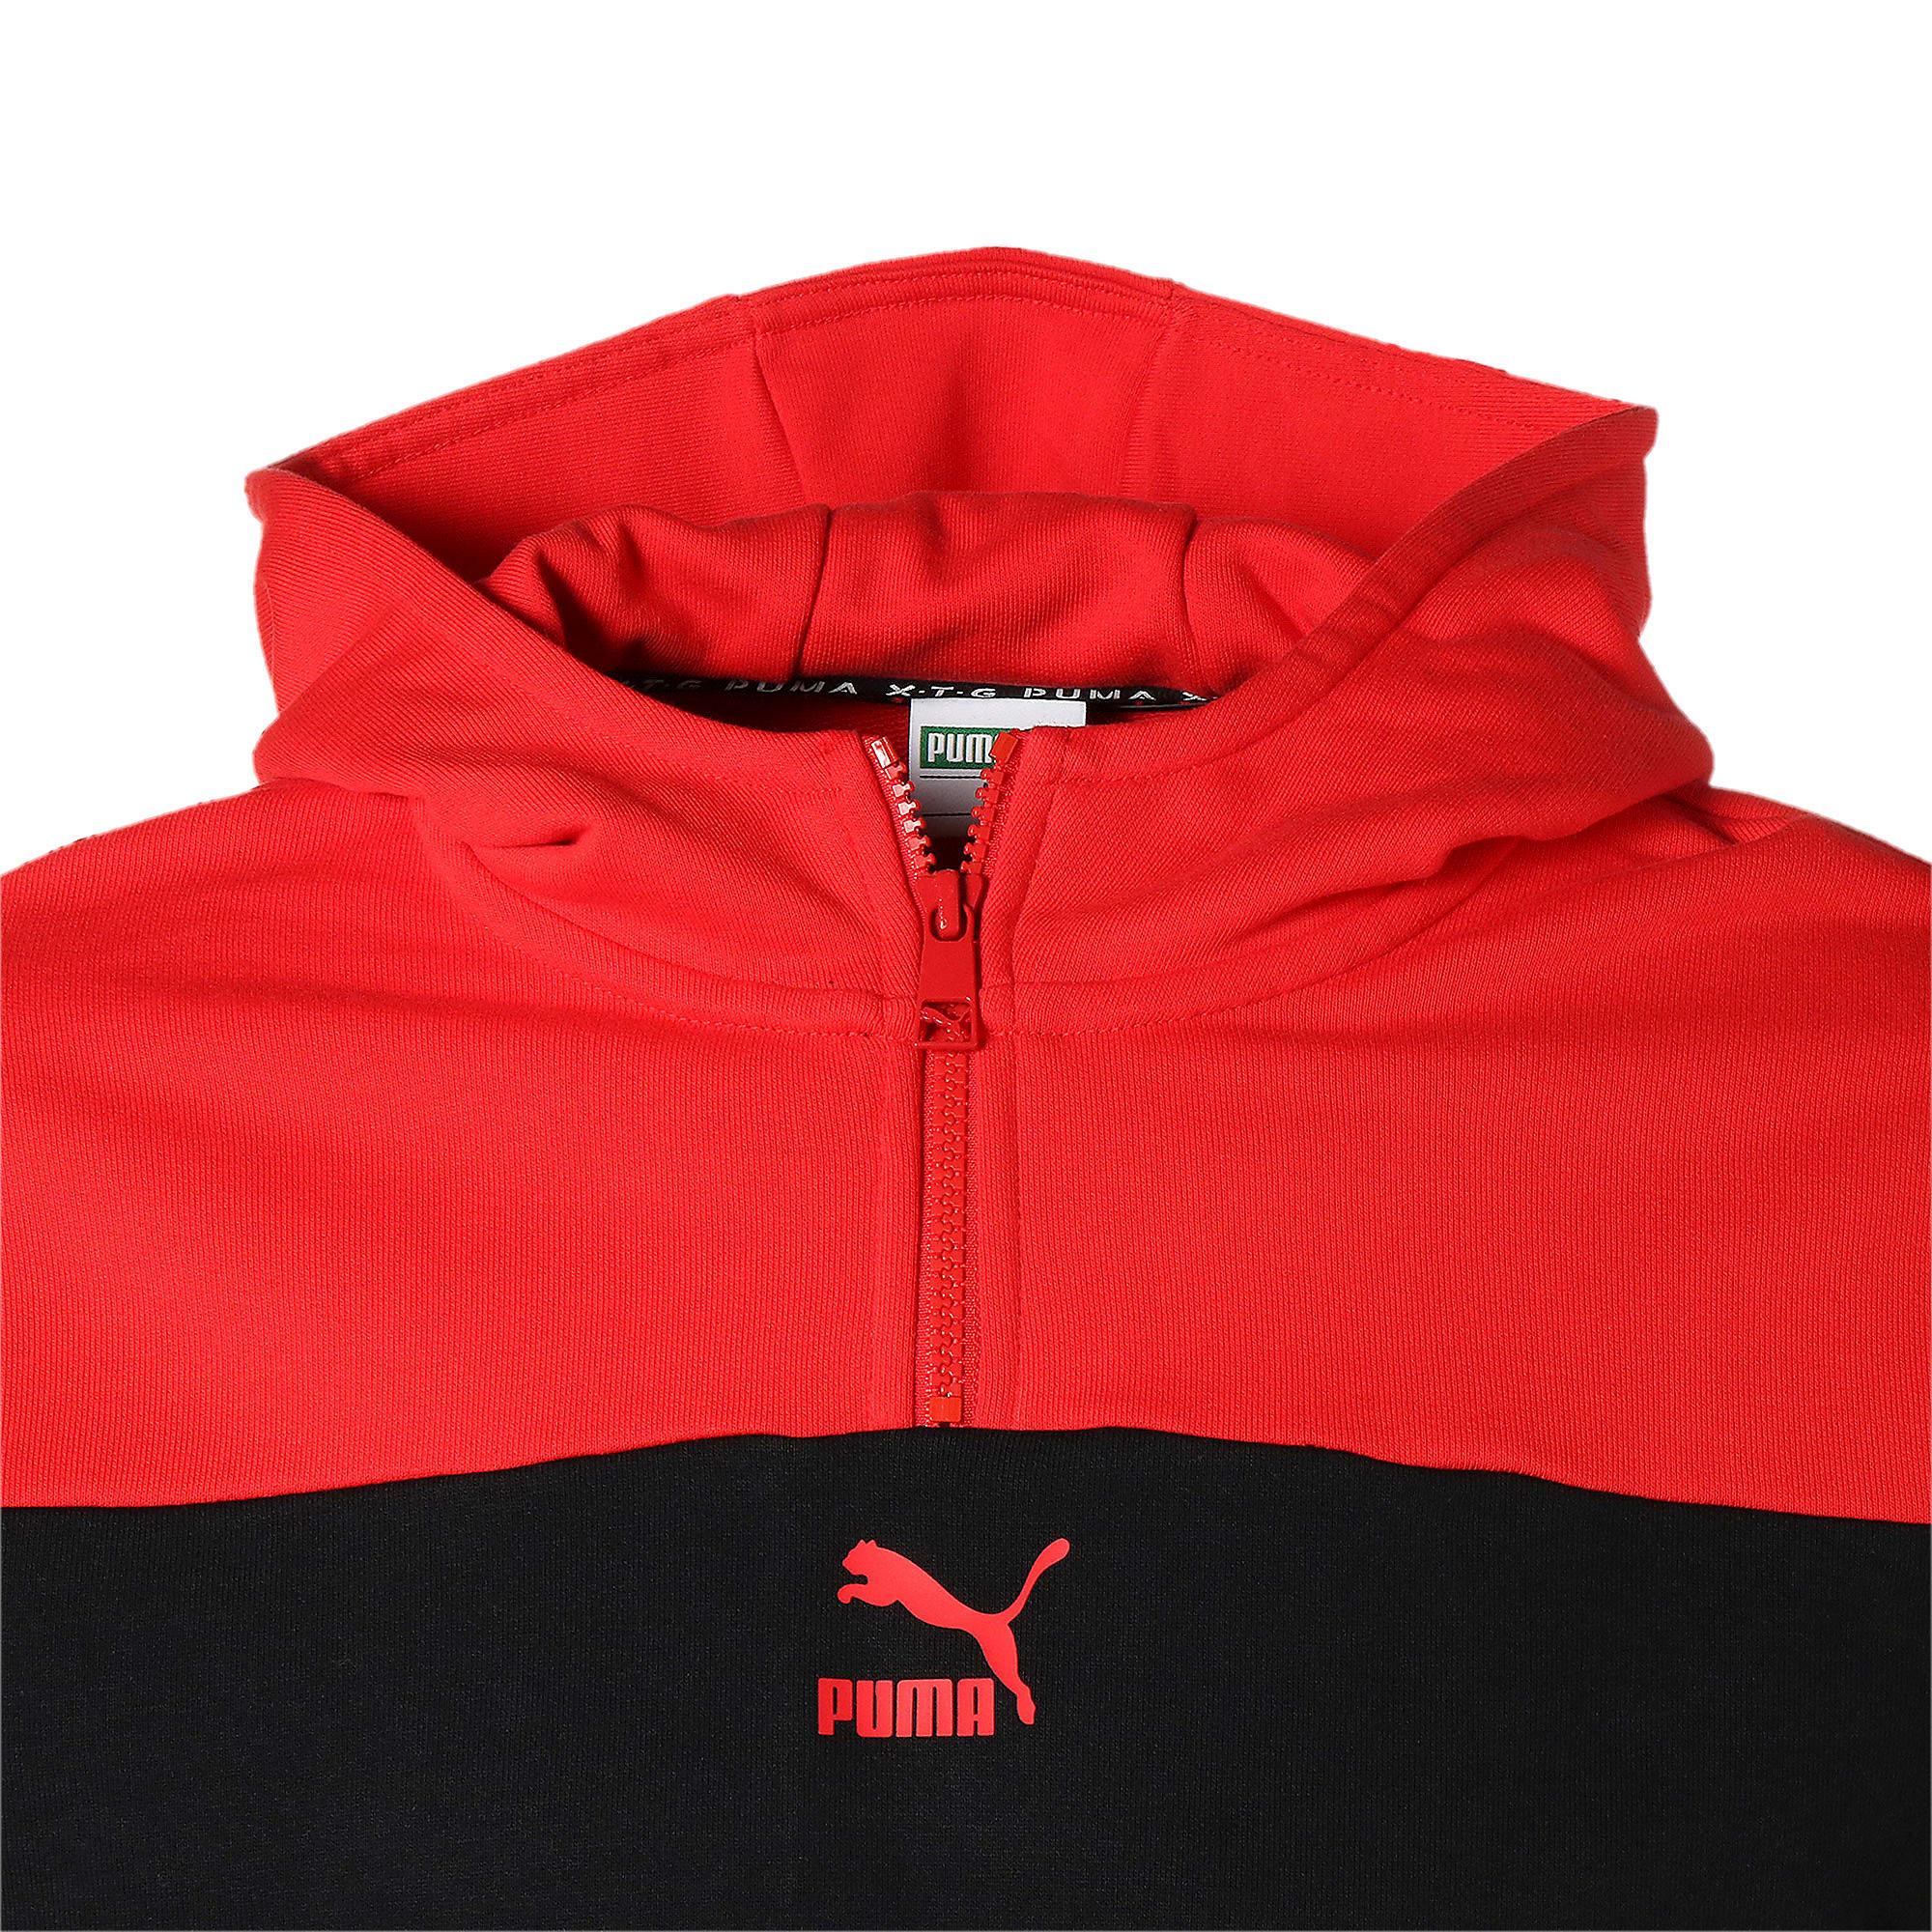 Thumbnail 10 of PUMA XTG フーディー, Puma Black-Red combo, medium-JPN